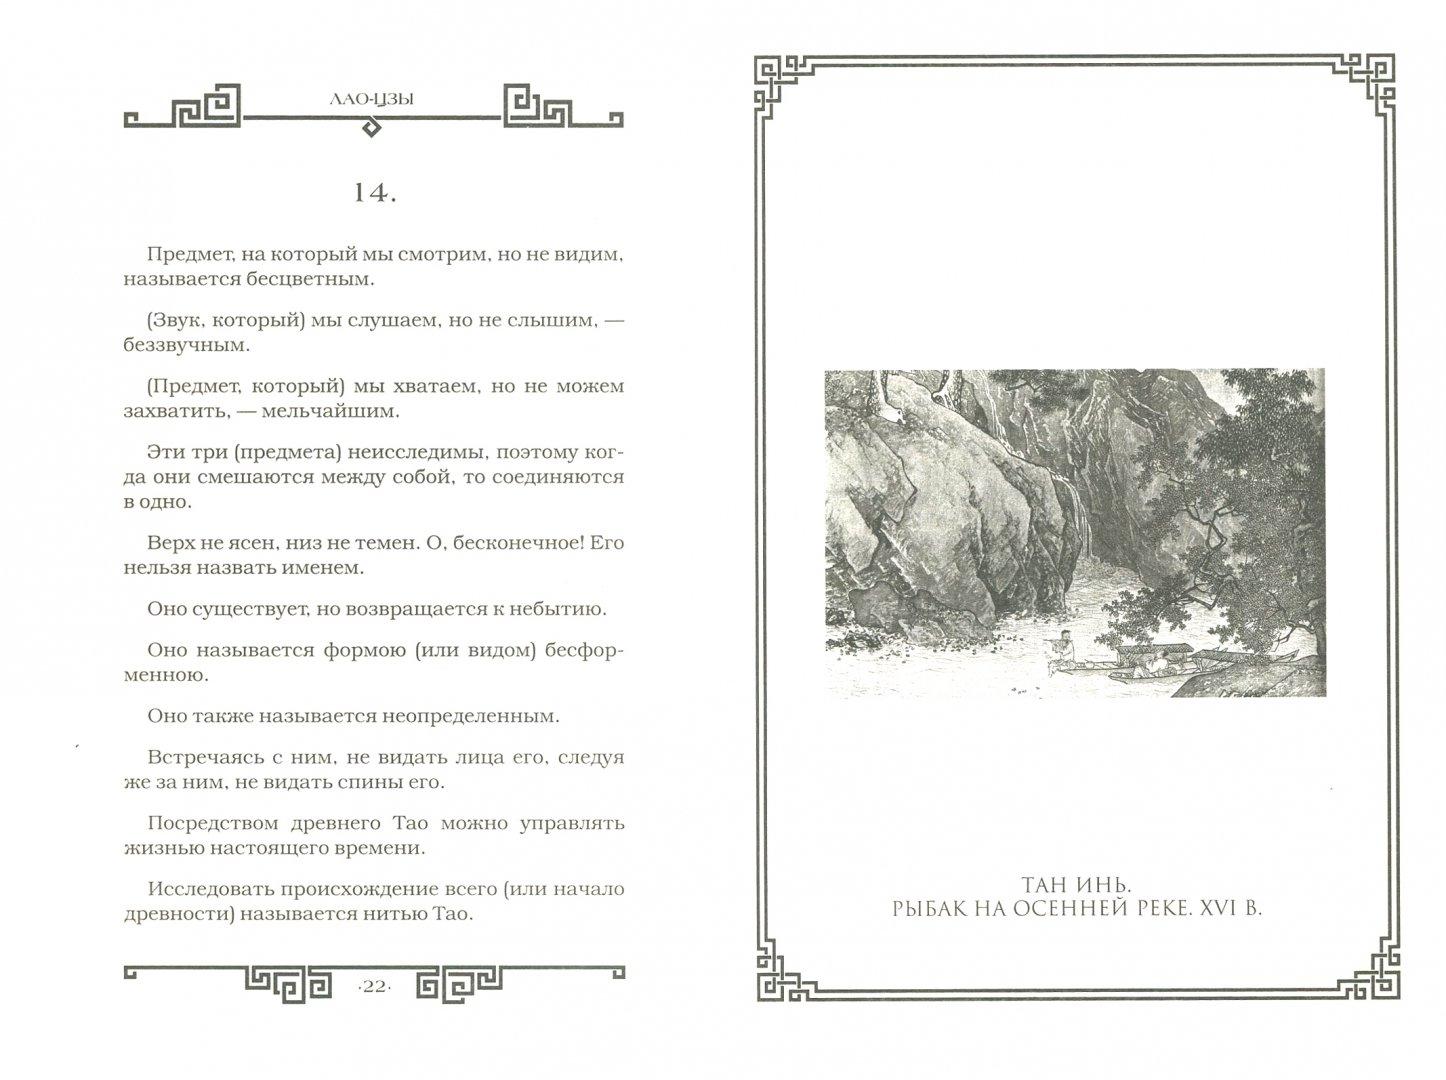 Иллюстрация 1 из 5 для Книга о пути жизни. Постижение гармонии - Лао-Цзы | Лабиринт - книги. Источник: Лабиринт